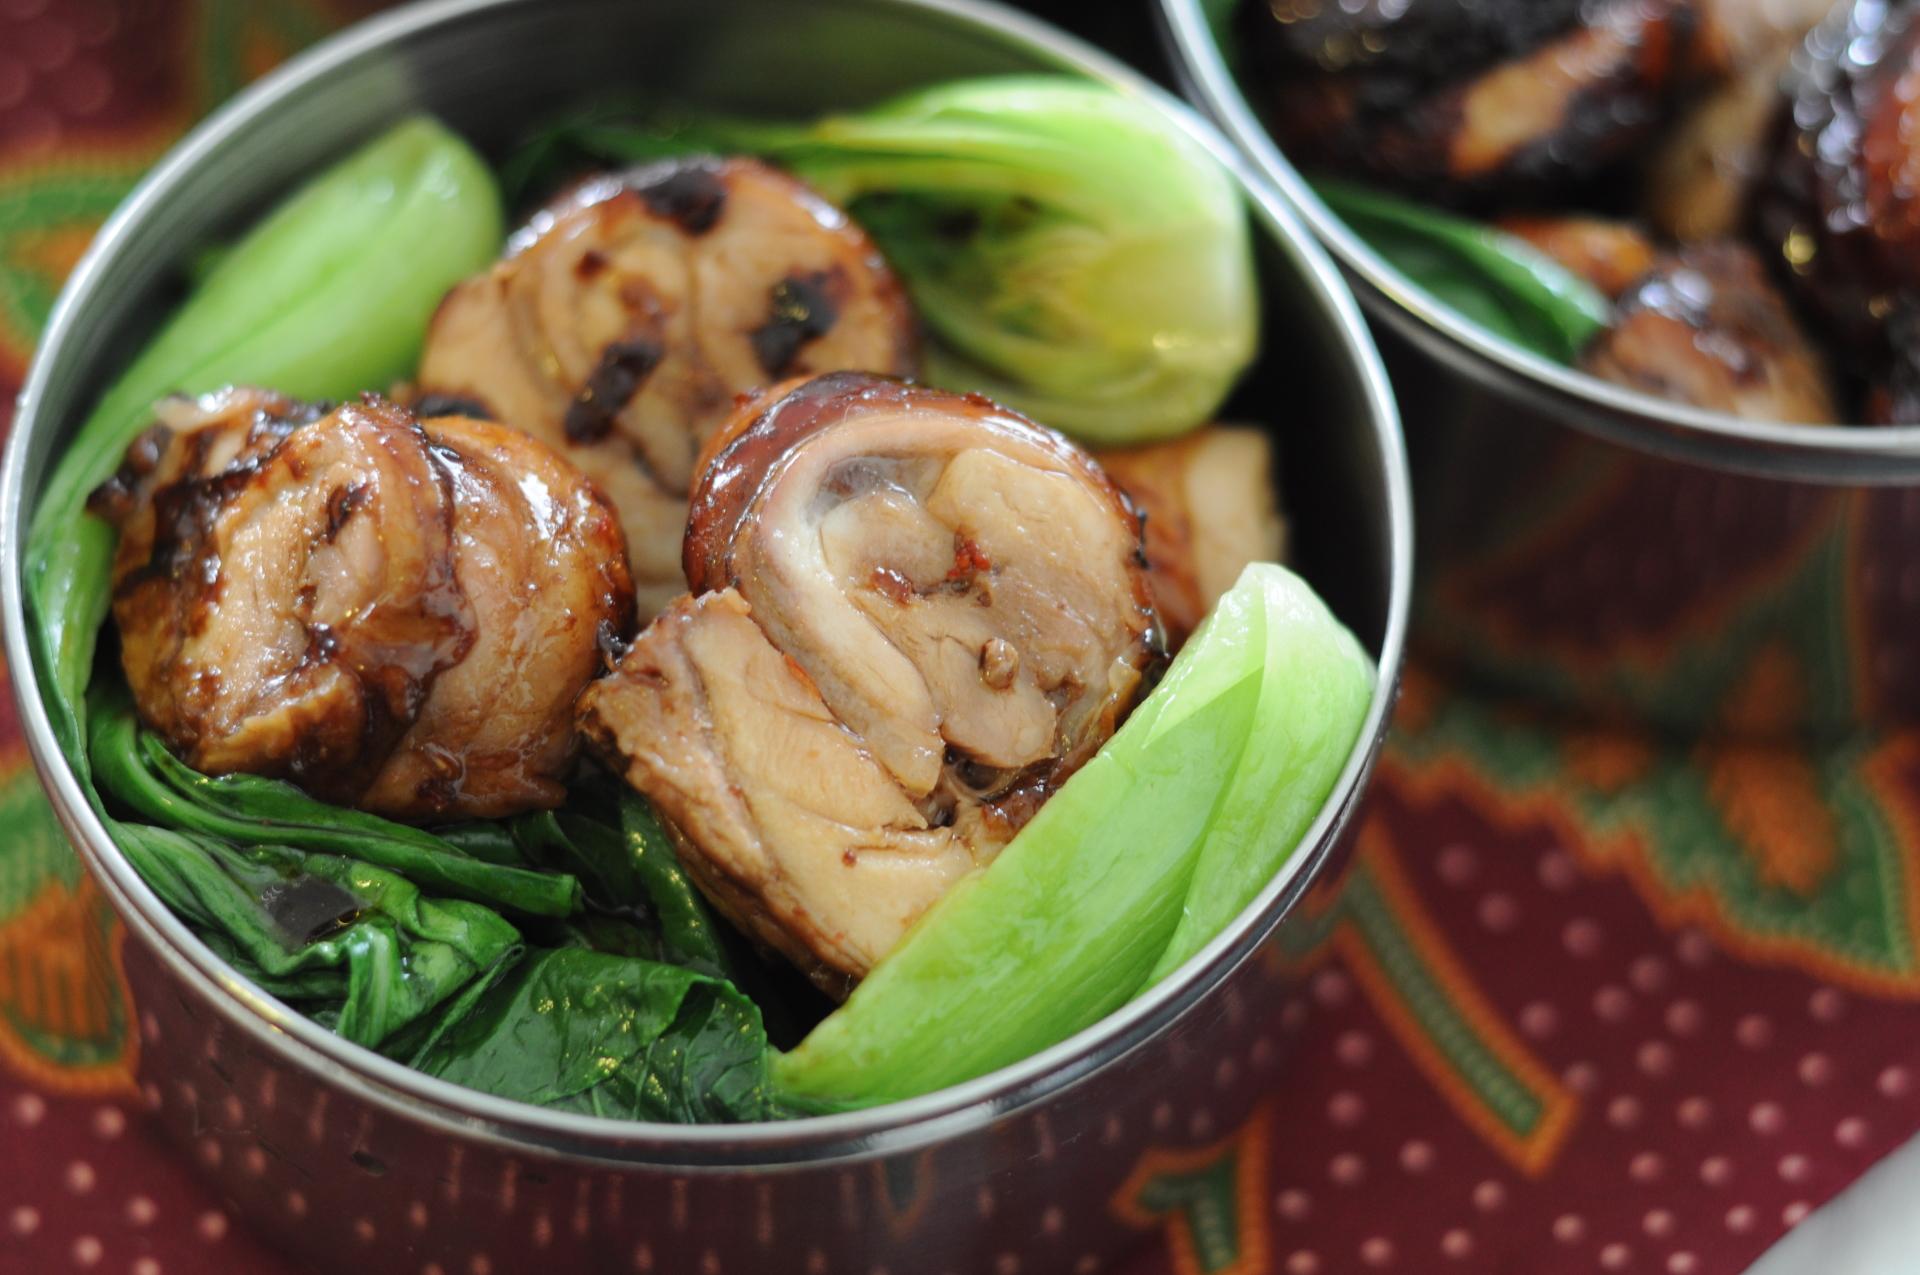 Recipe: 5 Spice Roast Chicken Medallions